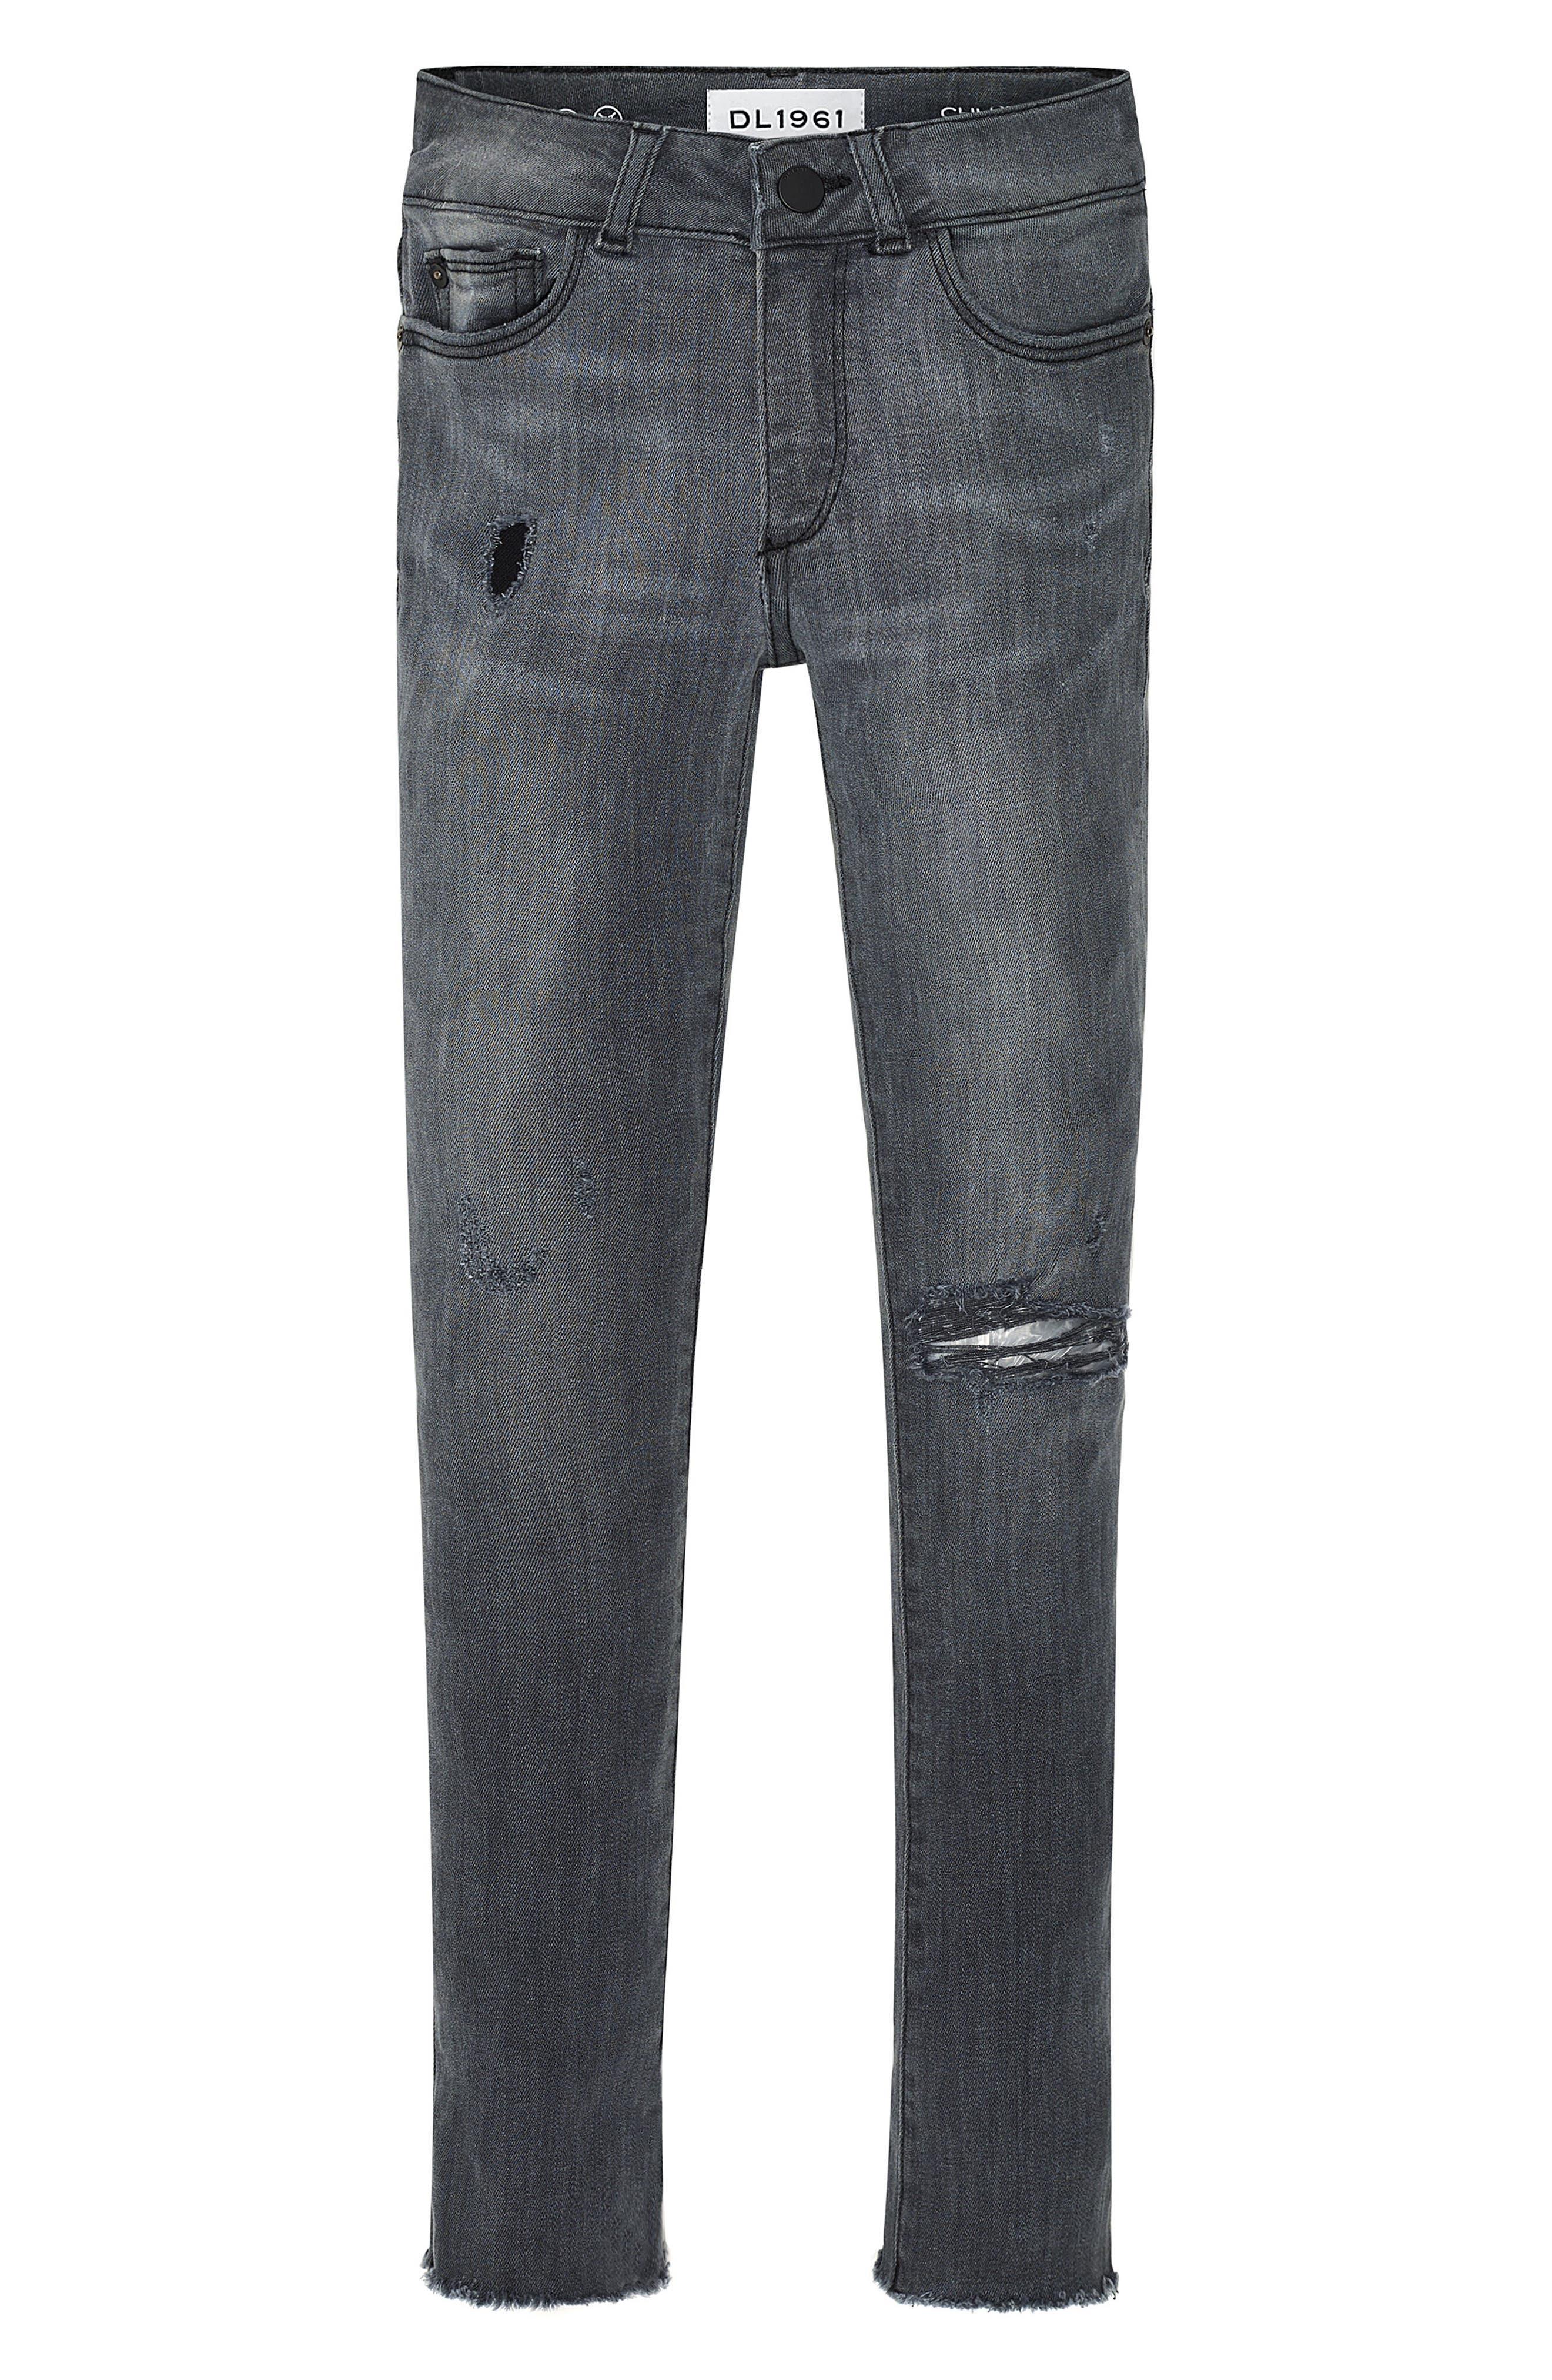 Chloe Raw Hem Skinny Jeans,                         Main,                         color, 025